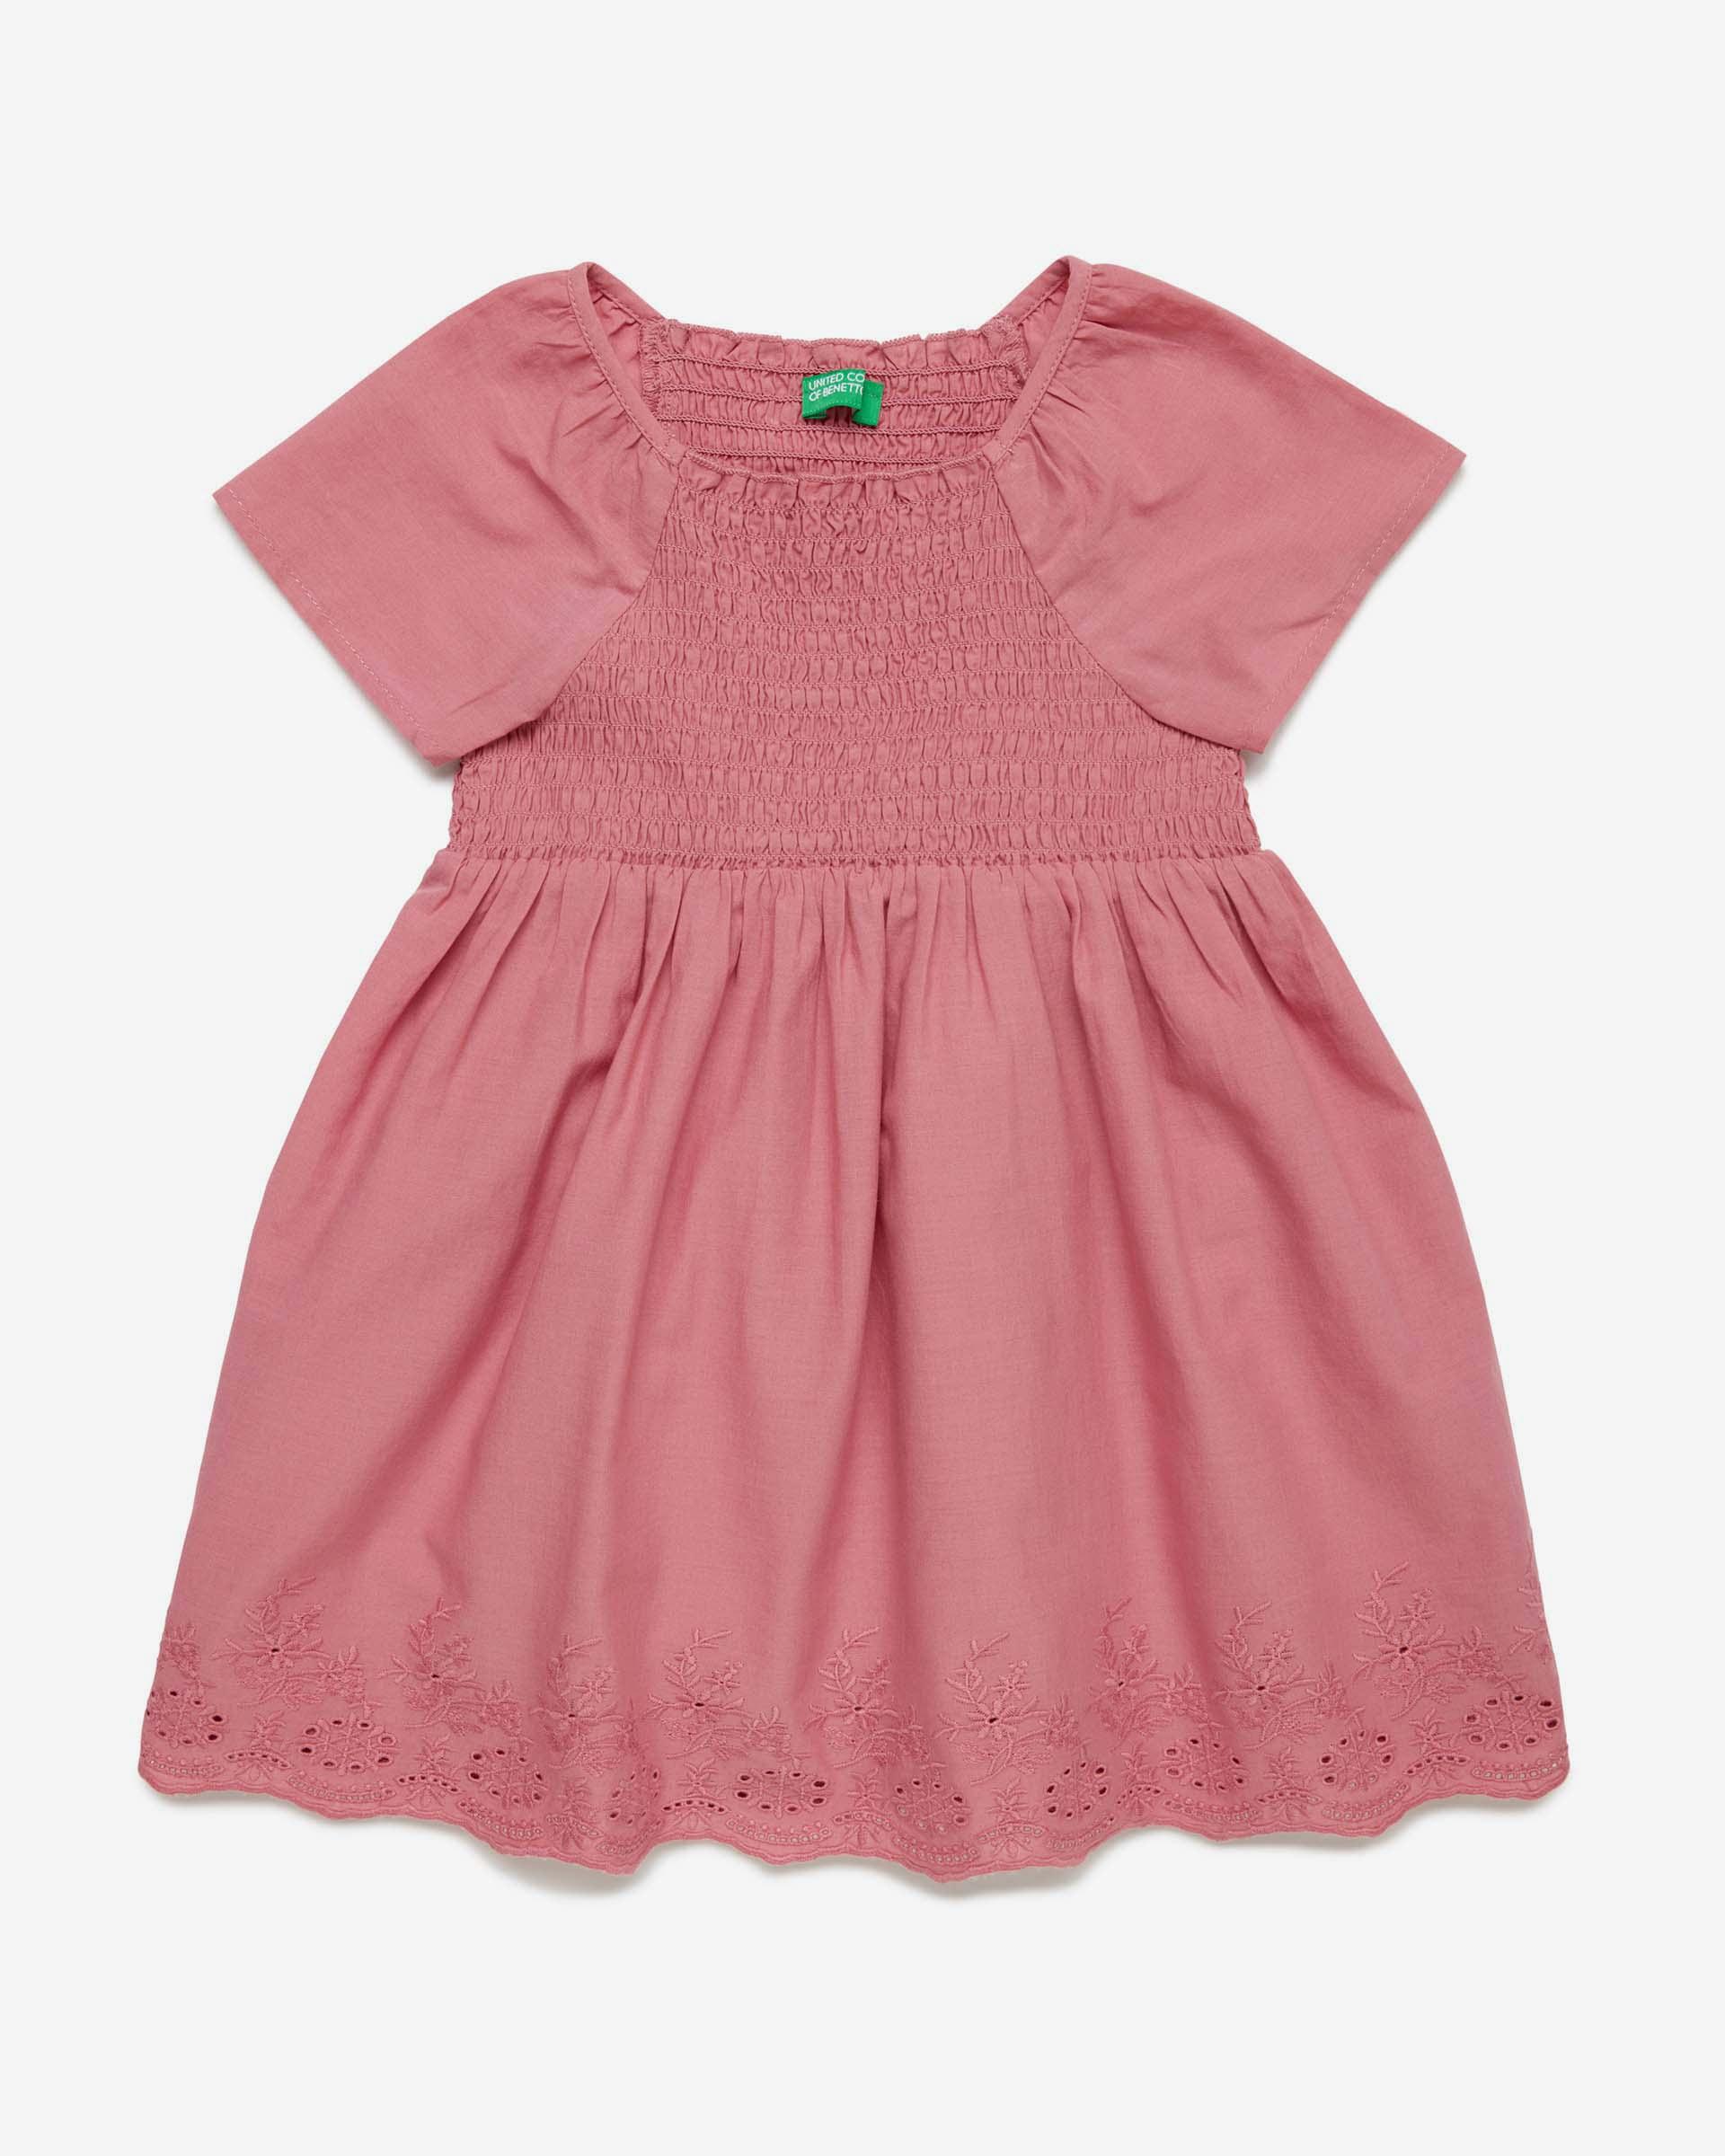 Купить 20P_4JO15V2MP_2P6, Платье для девочек Benetton 4JO15V2MP_2P6 р-р 80, United Colors of Benetton, Платья для новорожденных